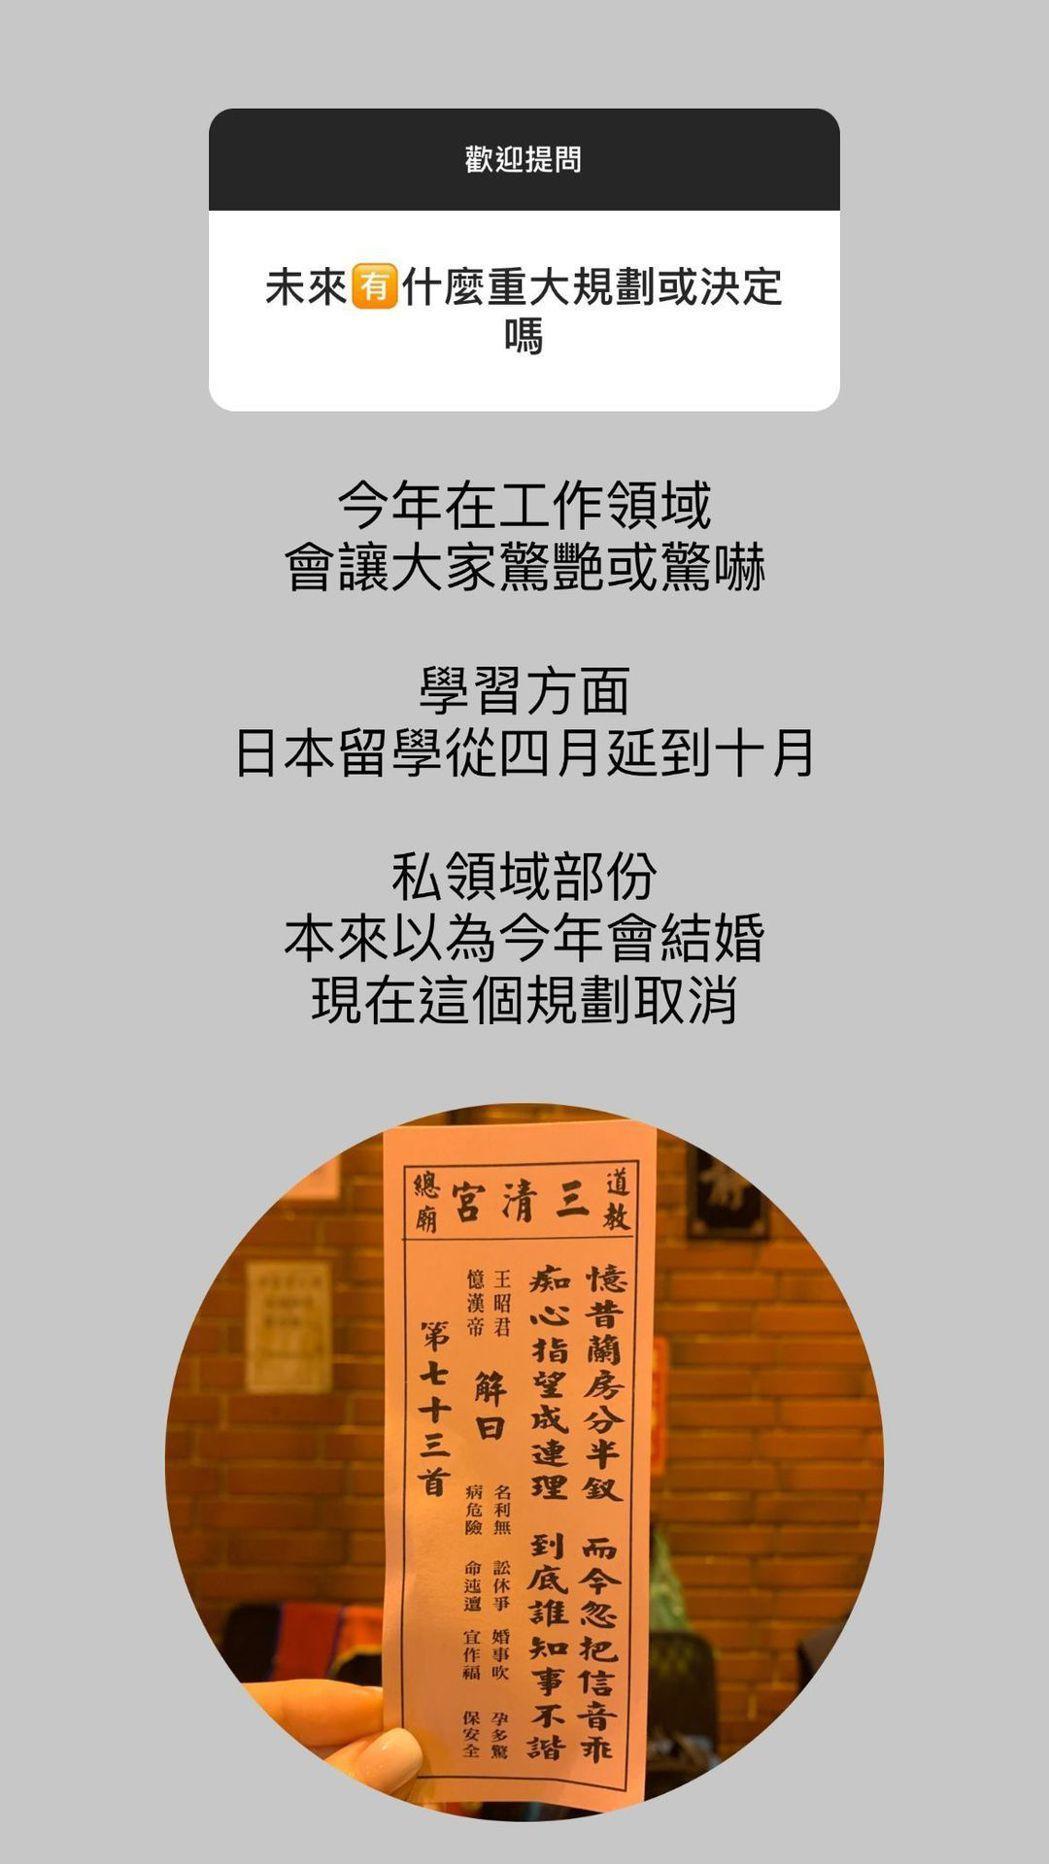 鄭家純自曝婚事告吹。 圖/擷自鄭家純IG